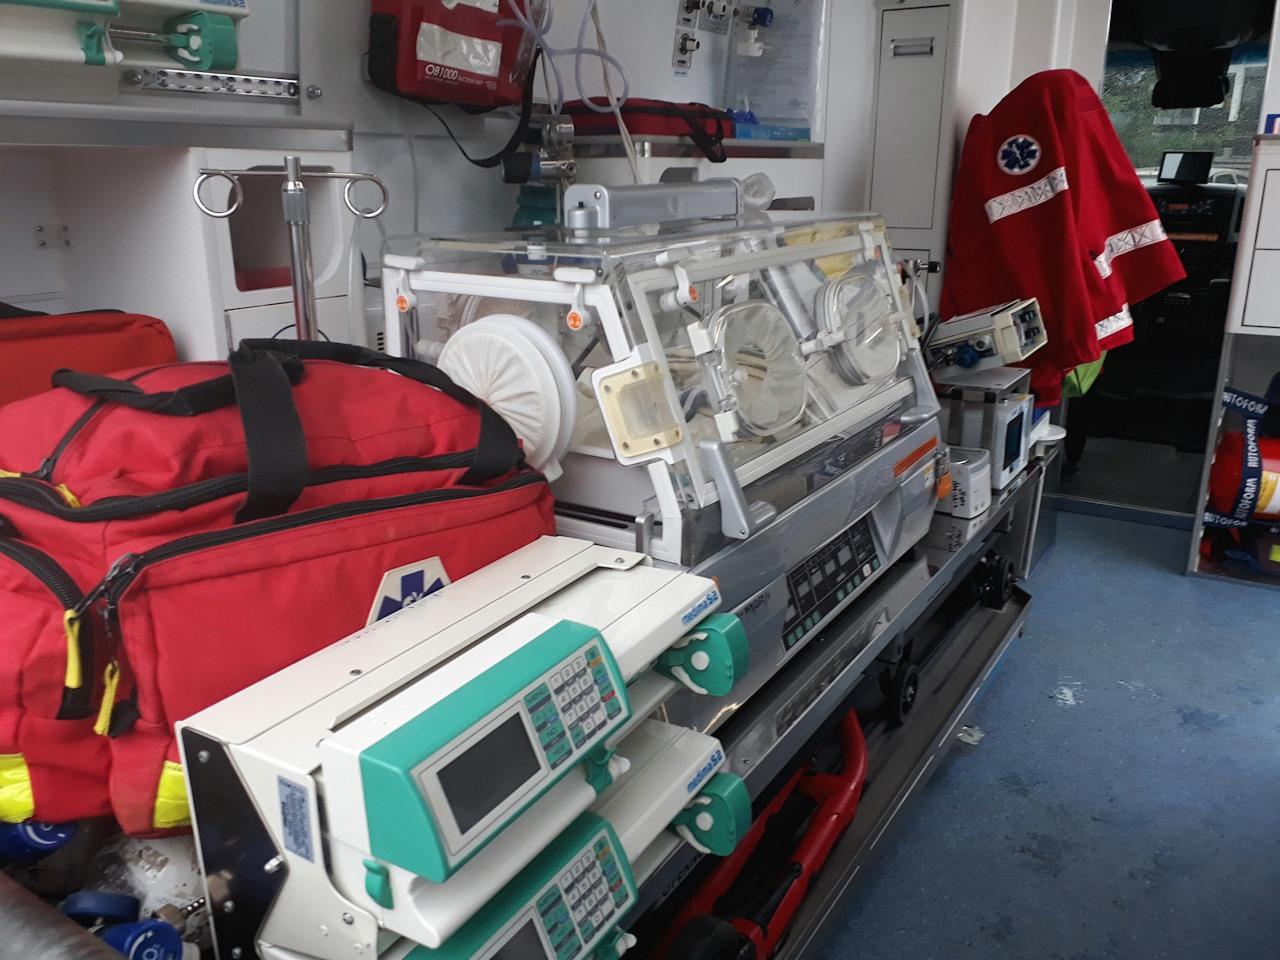 120396599 129908722192389 8249375879480343703 o Dobra wiadomość! Ambulans ratujący życie najmłodszych pacjentów wraca do pracy!